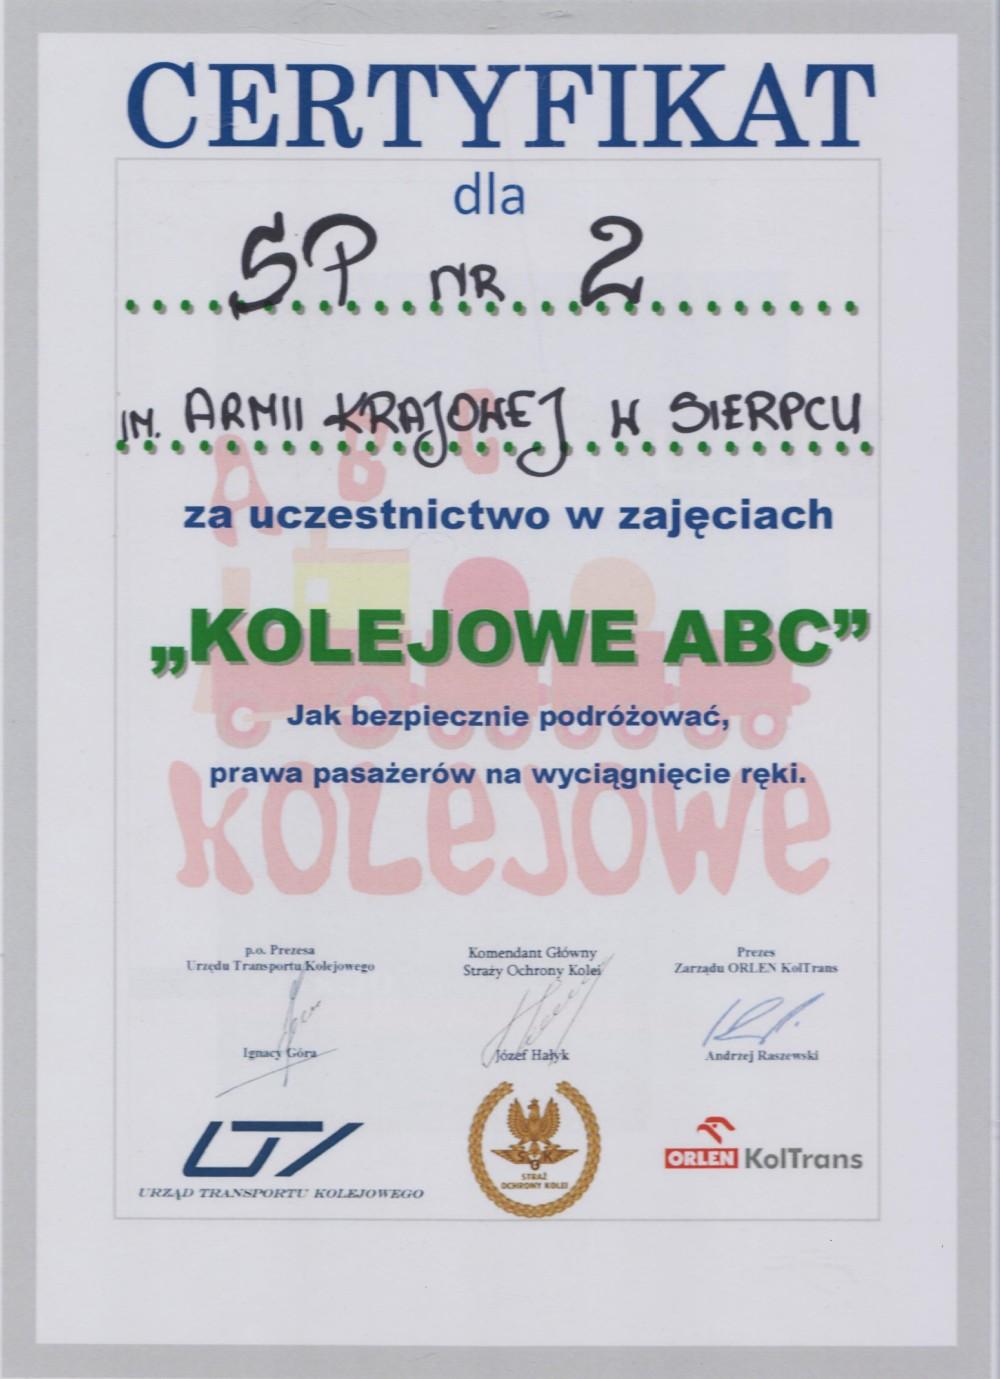 certyfikat Kolejowe ABC 001